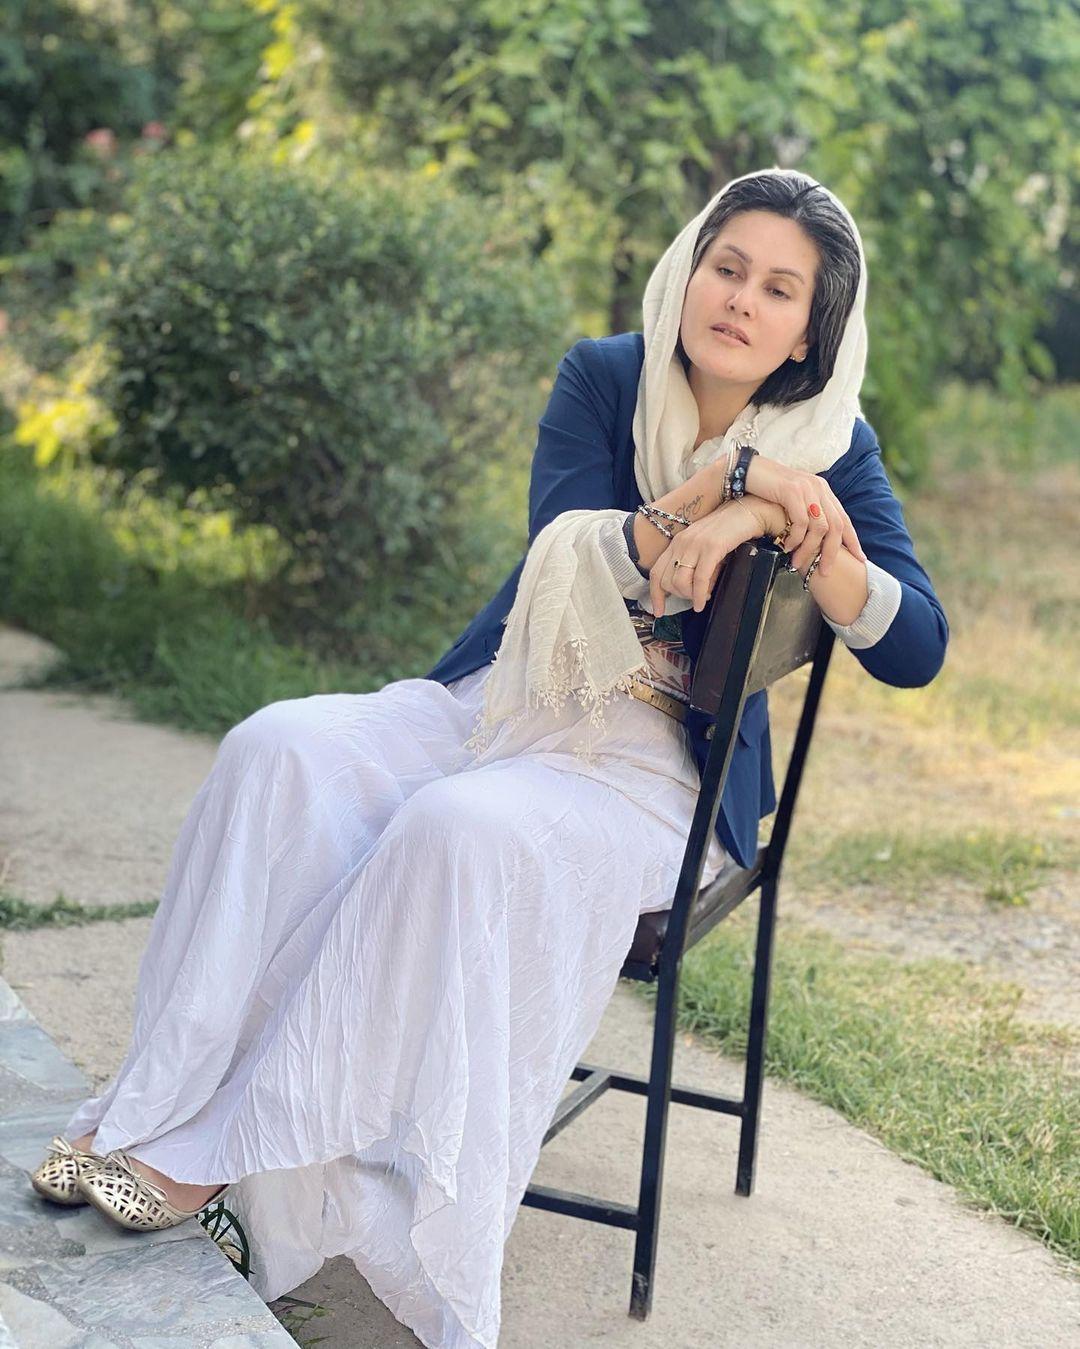 بیوگرافی صحرا کریمی افغان، زندگینامه صحرا کریمی  ، فیلم های صحرا کریمی